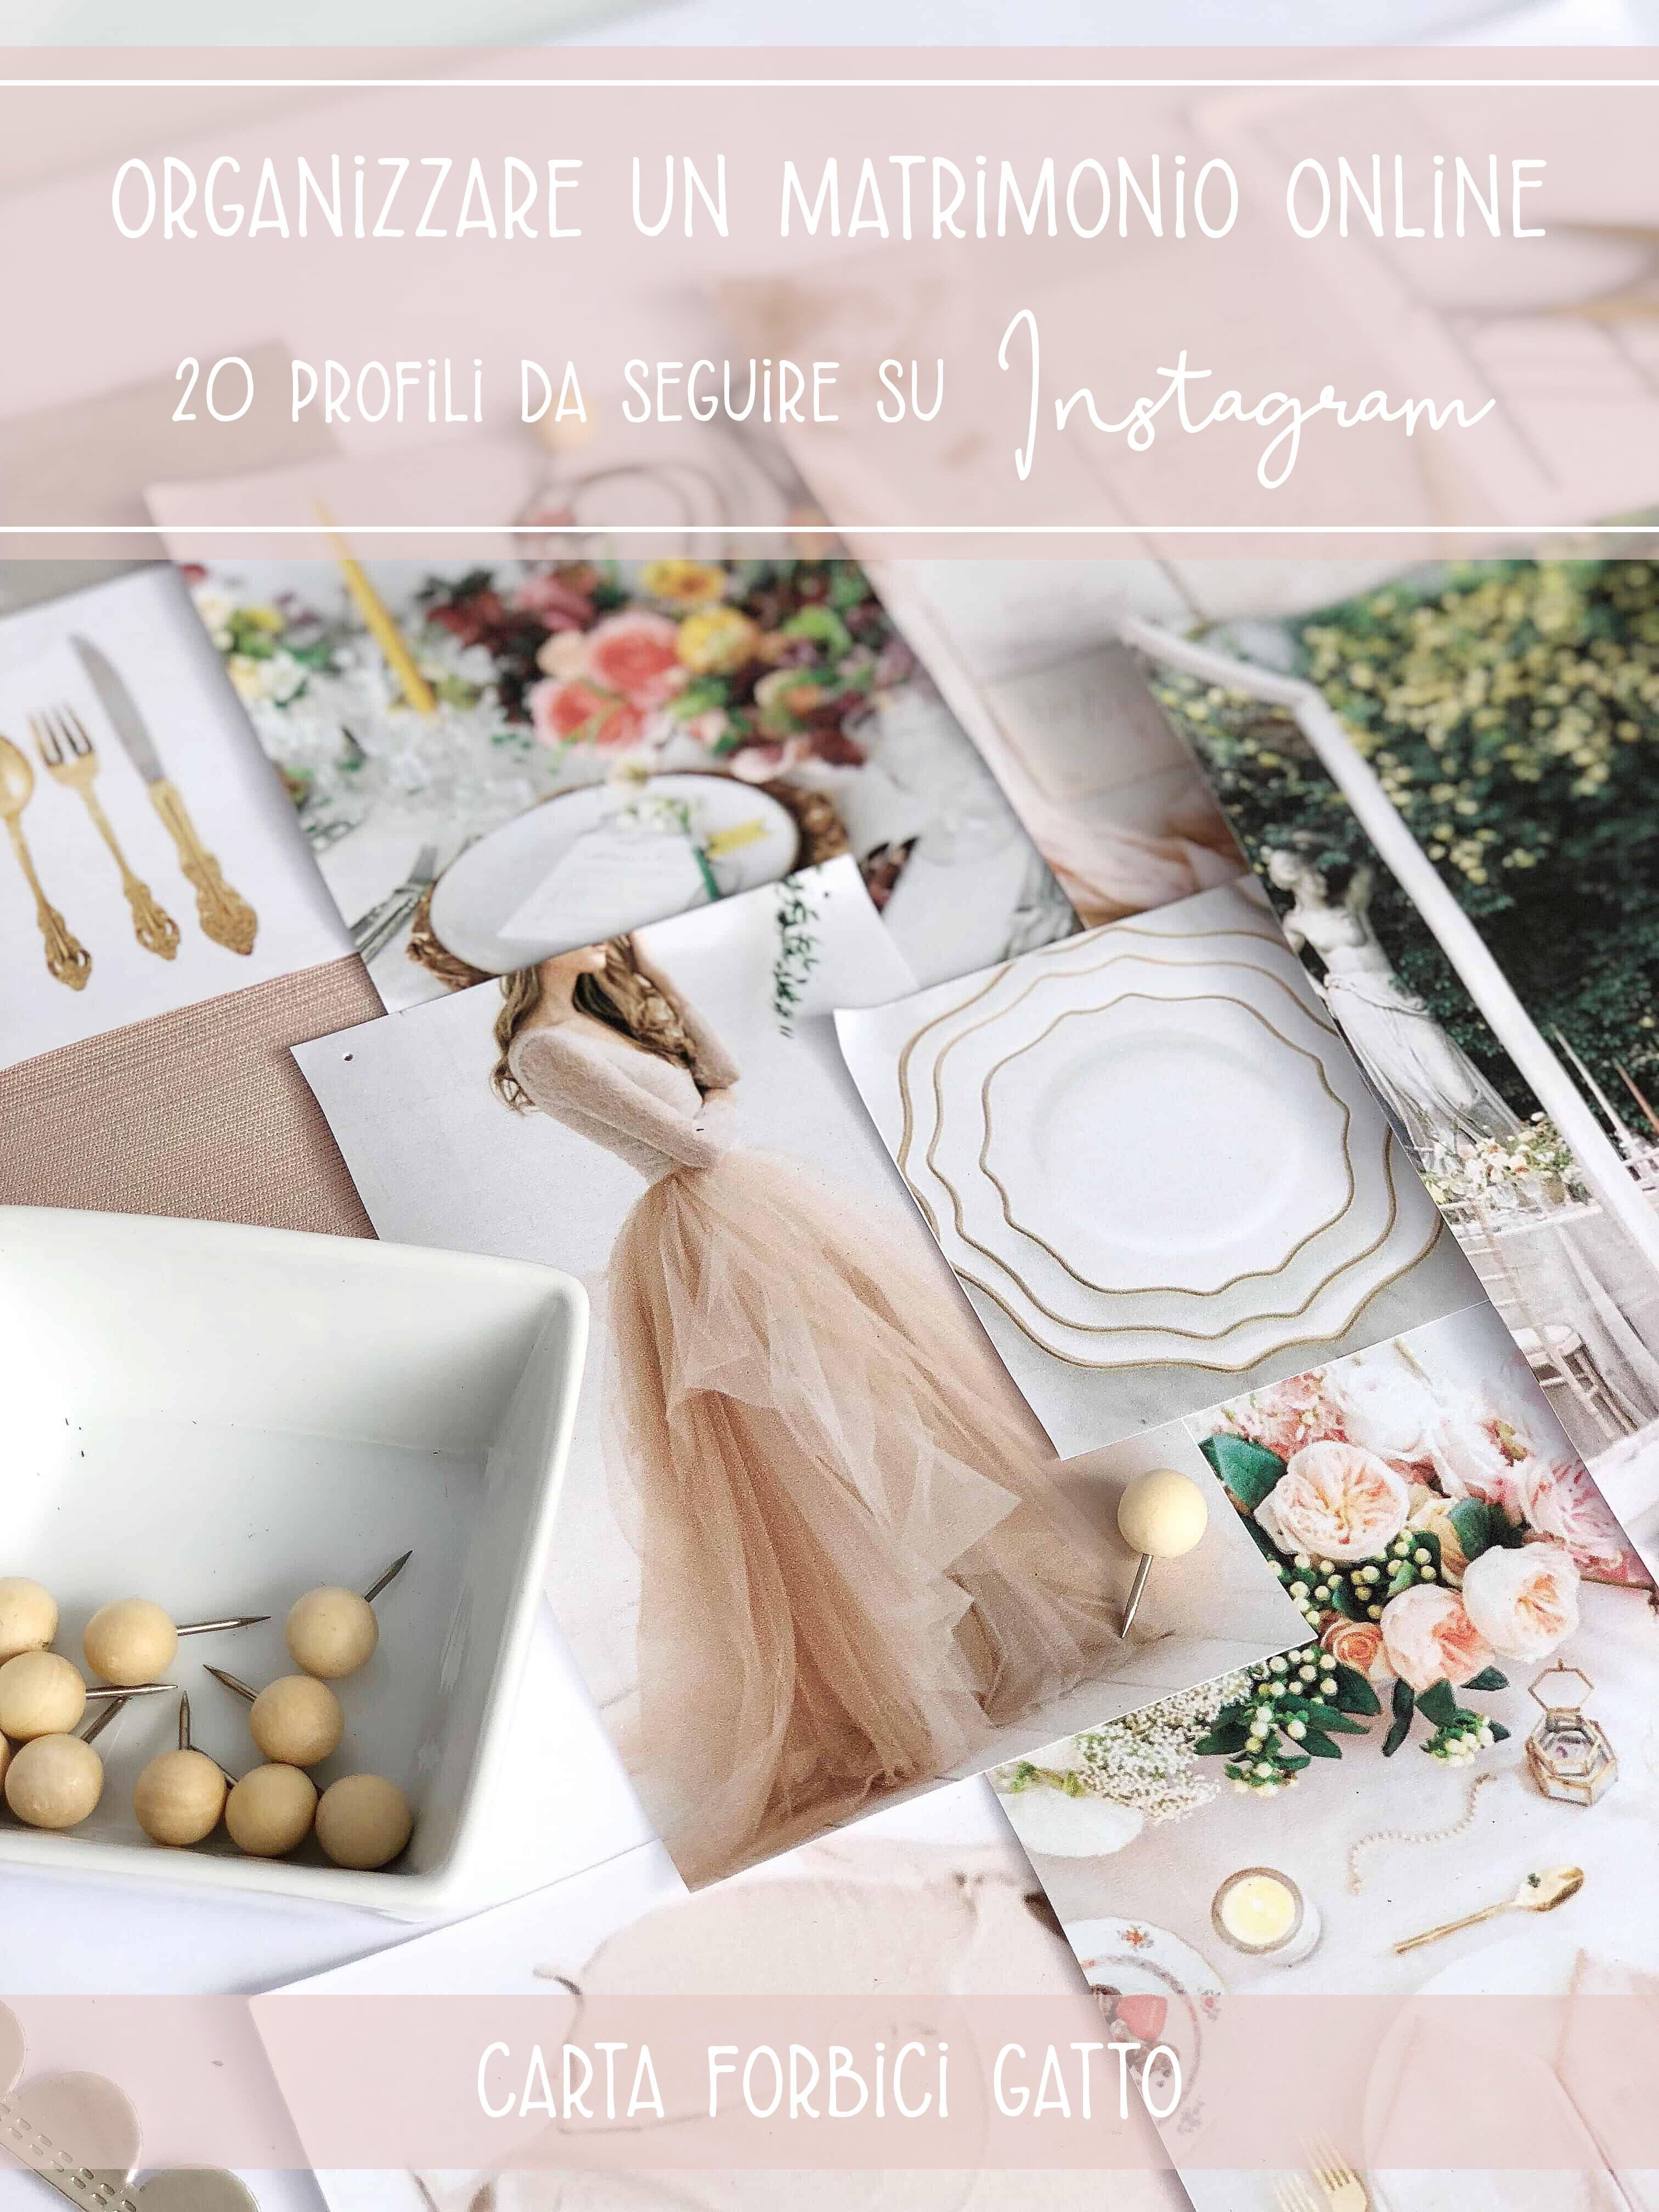 Organizzare Un Matrimonio Online 20 Profili Da Seguire Su Instagram Matrimonio Wedding Planner Instagram